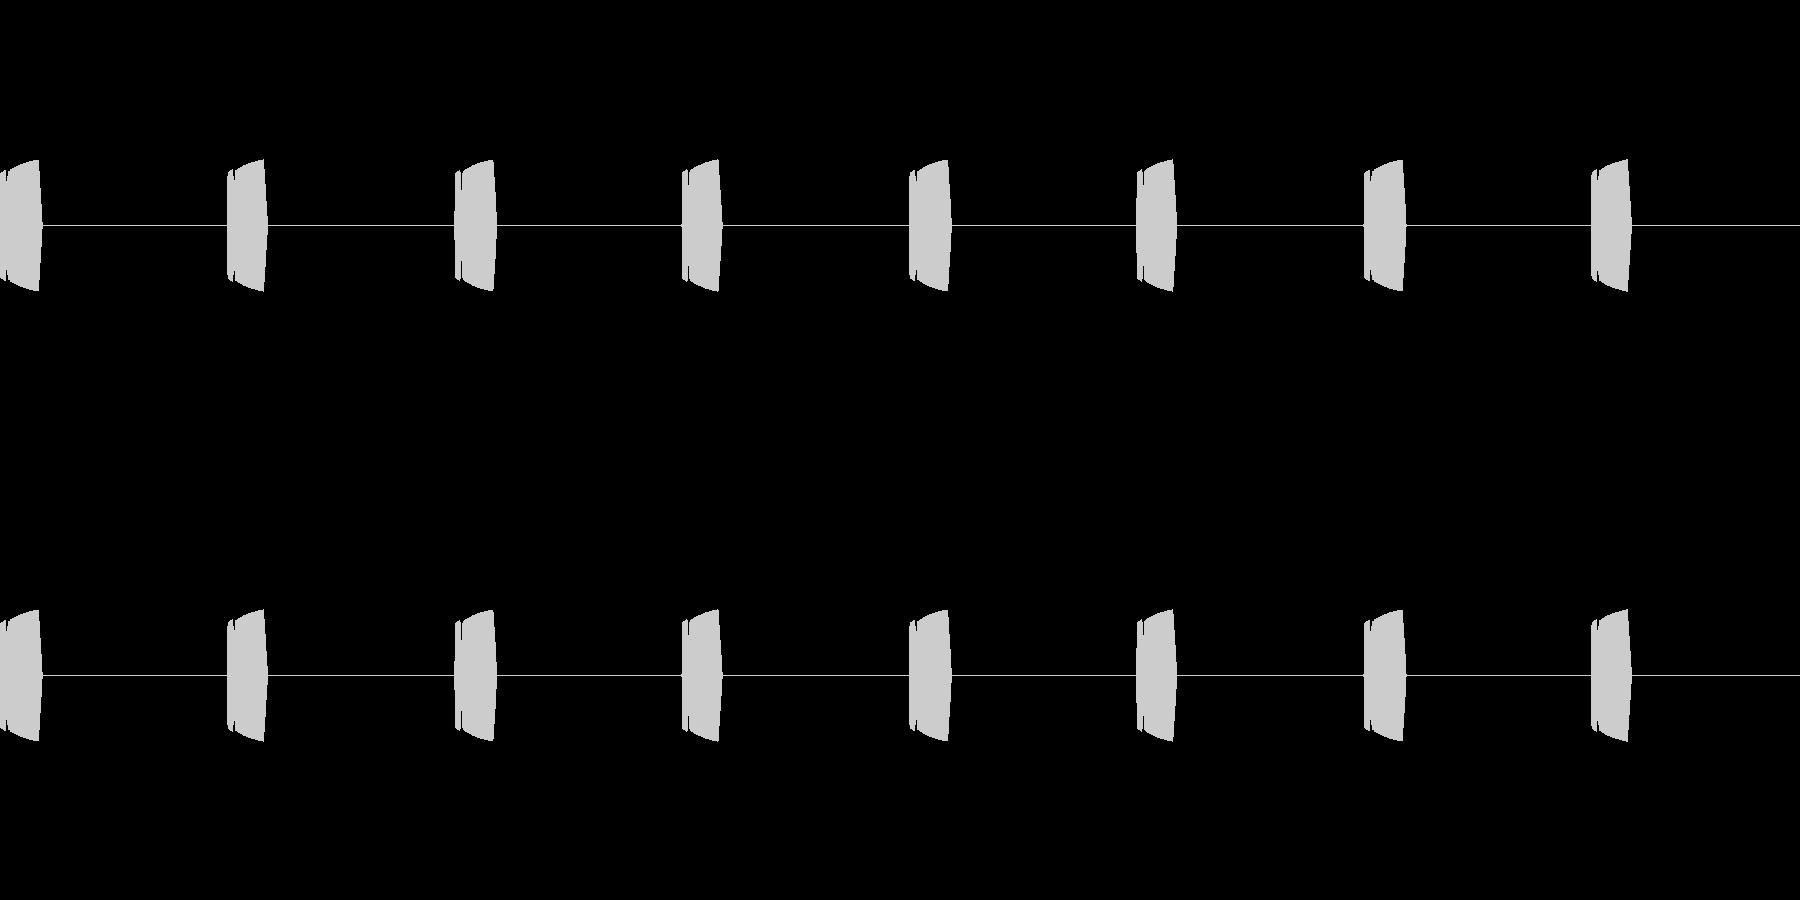 ポヨポヨ(可愛い足音)の未再生の波形